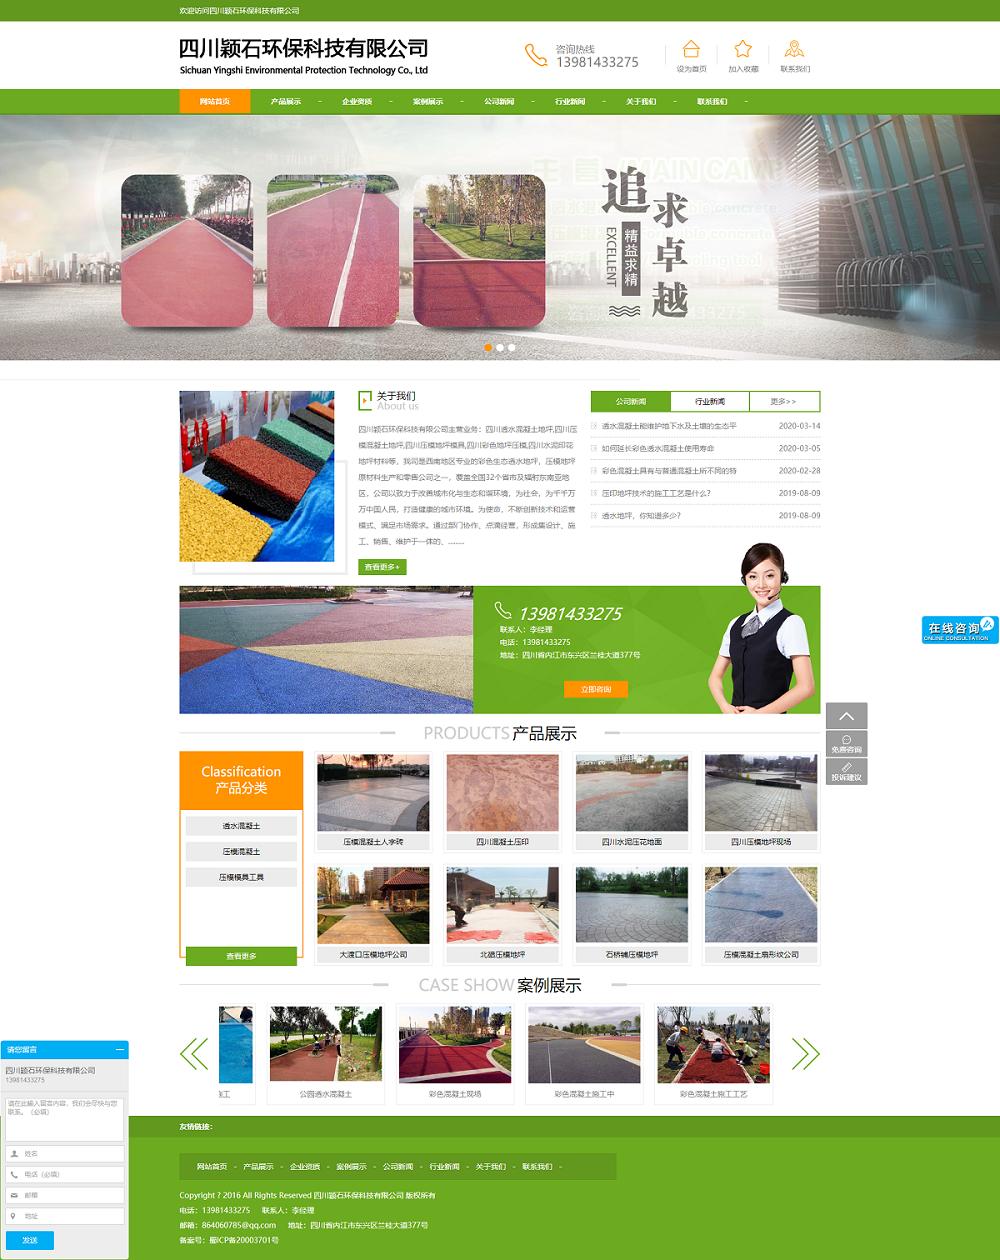 四川颖石环保科技有限公司网站建设案例